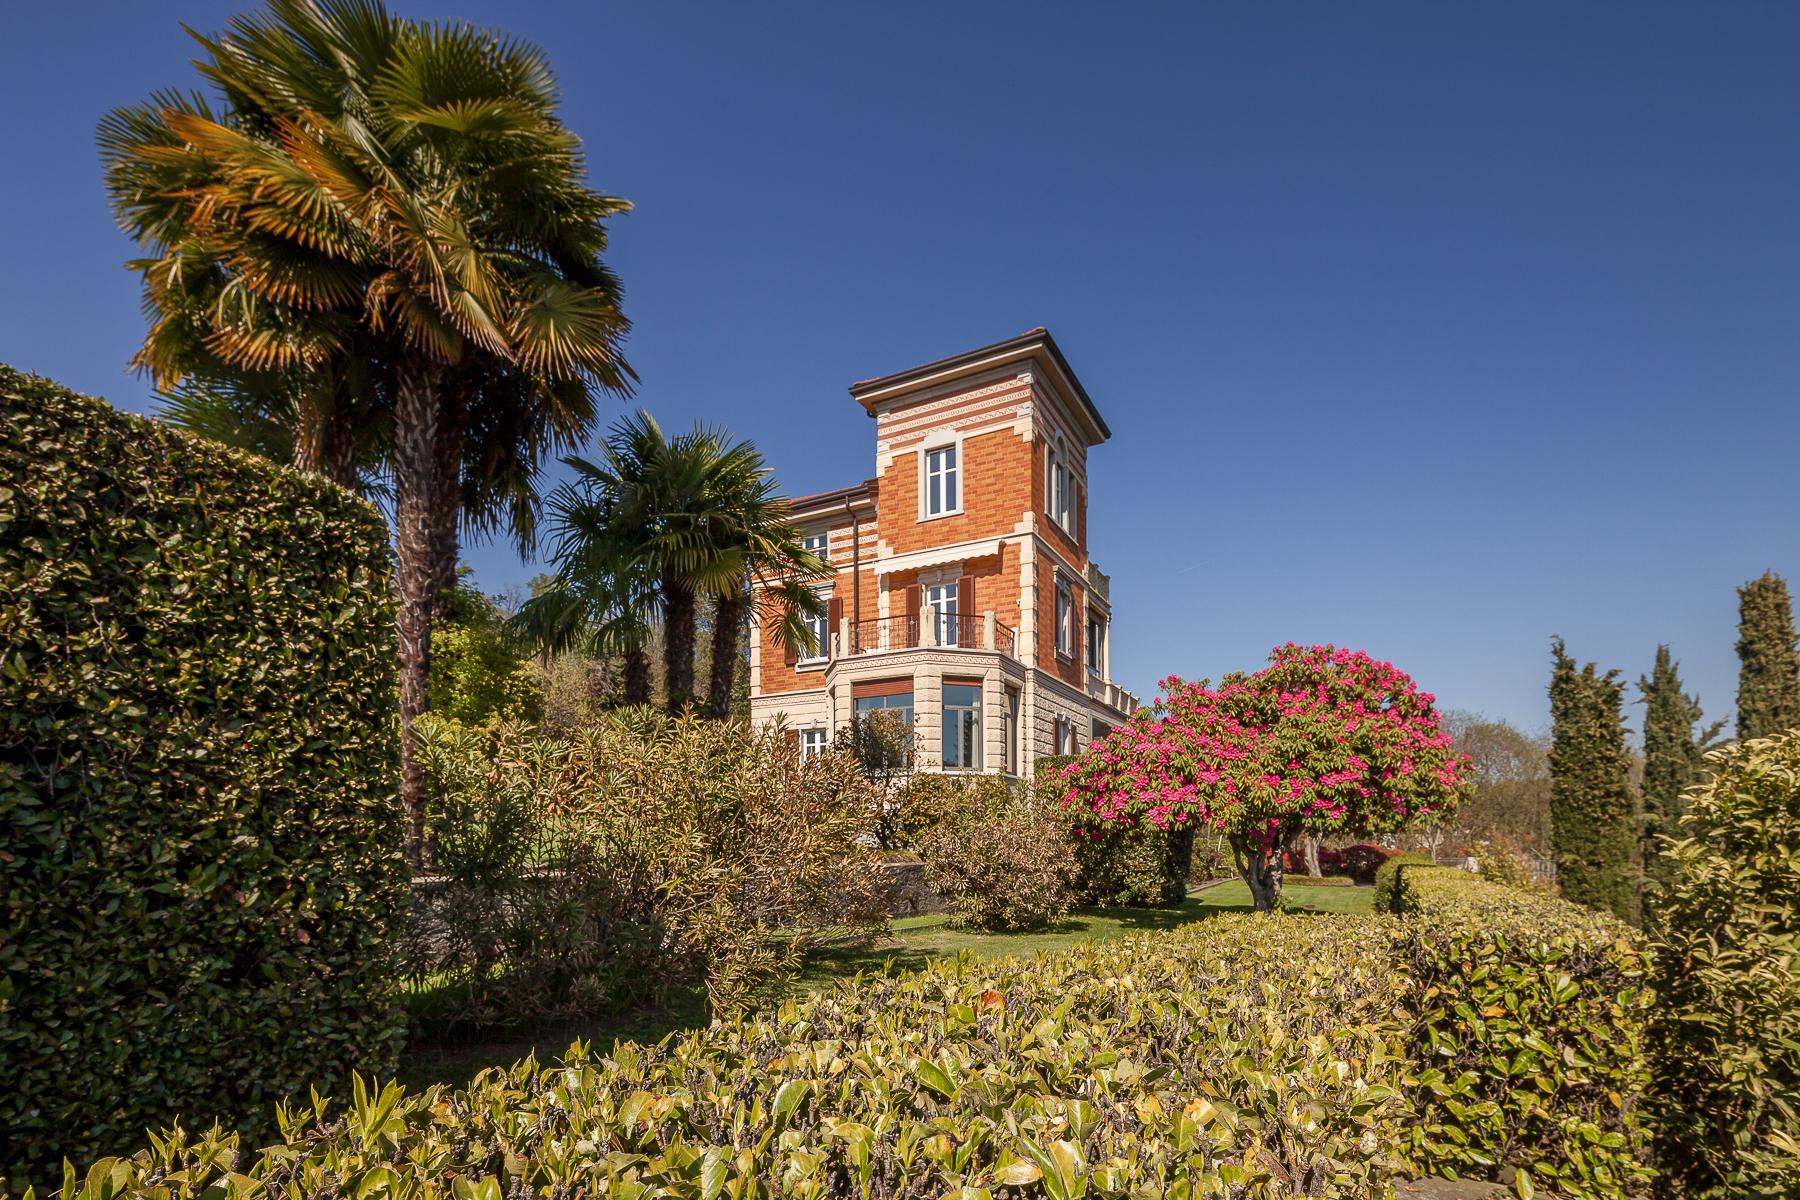 Property for Sale at Art Nouveau villa on Lake Maggiore Verbania, Verbano Cusio Ossola Italy